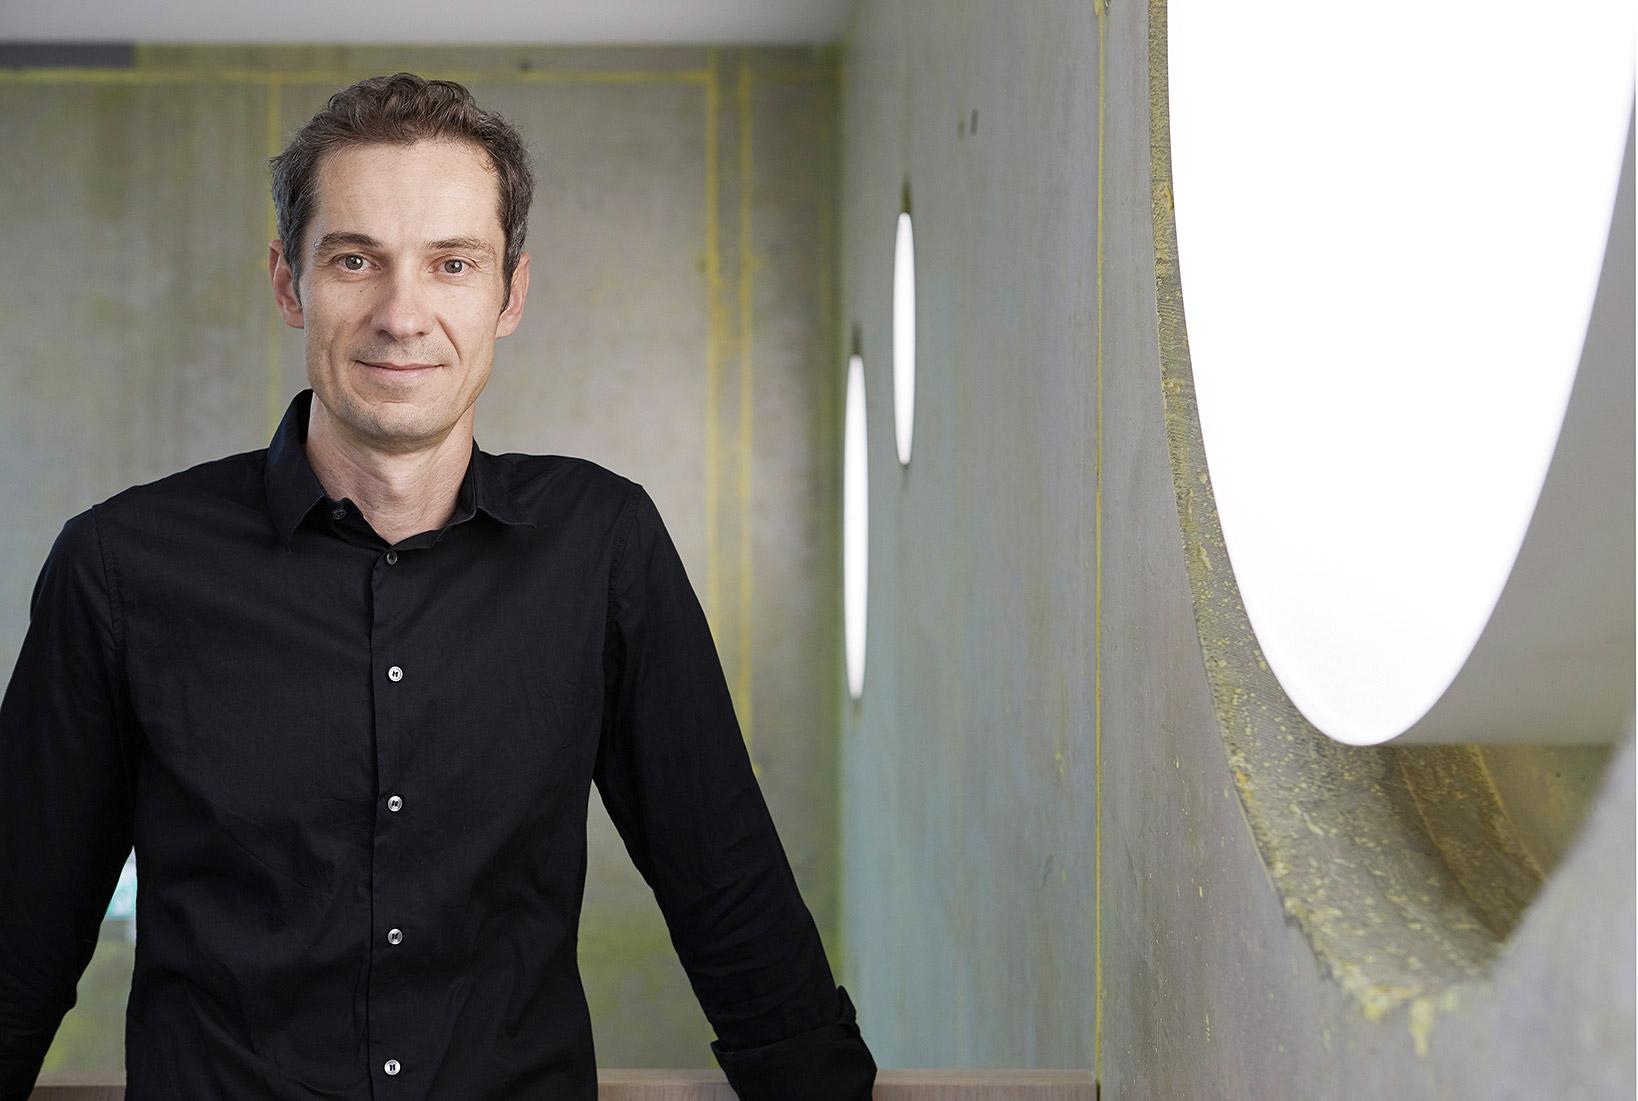 Dietmar_Moser_web